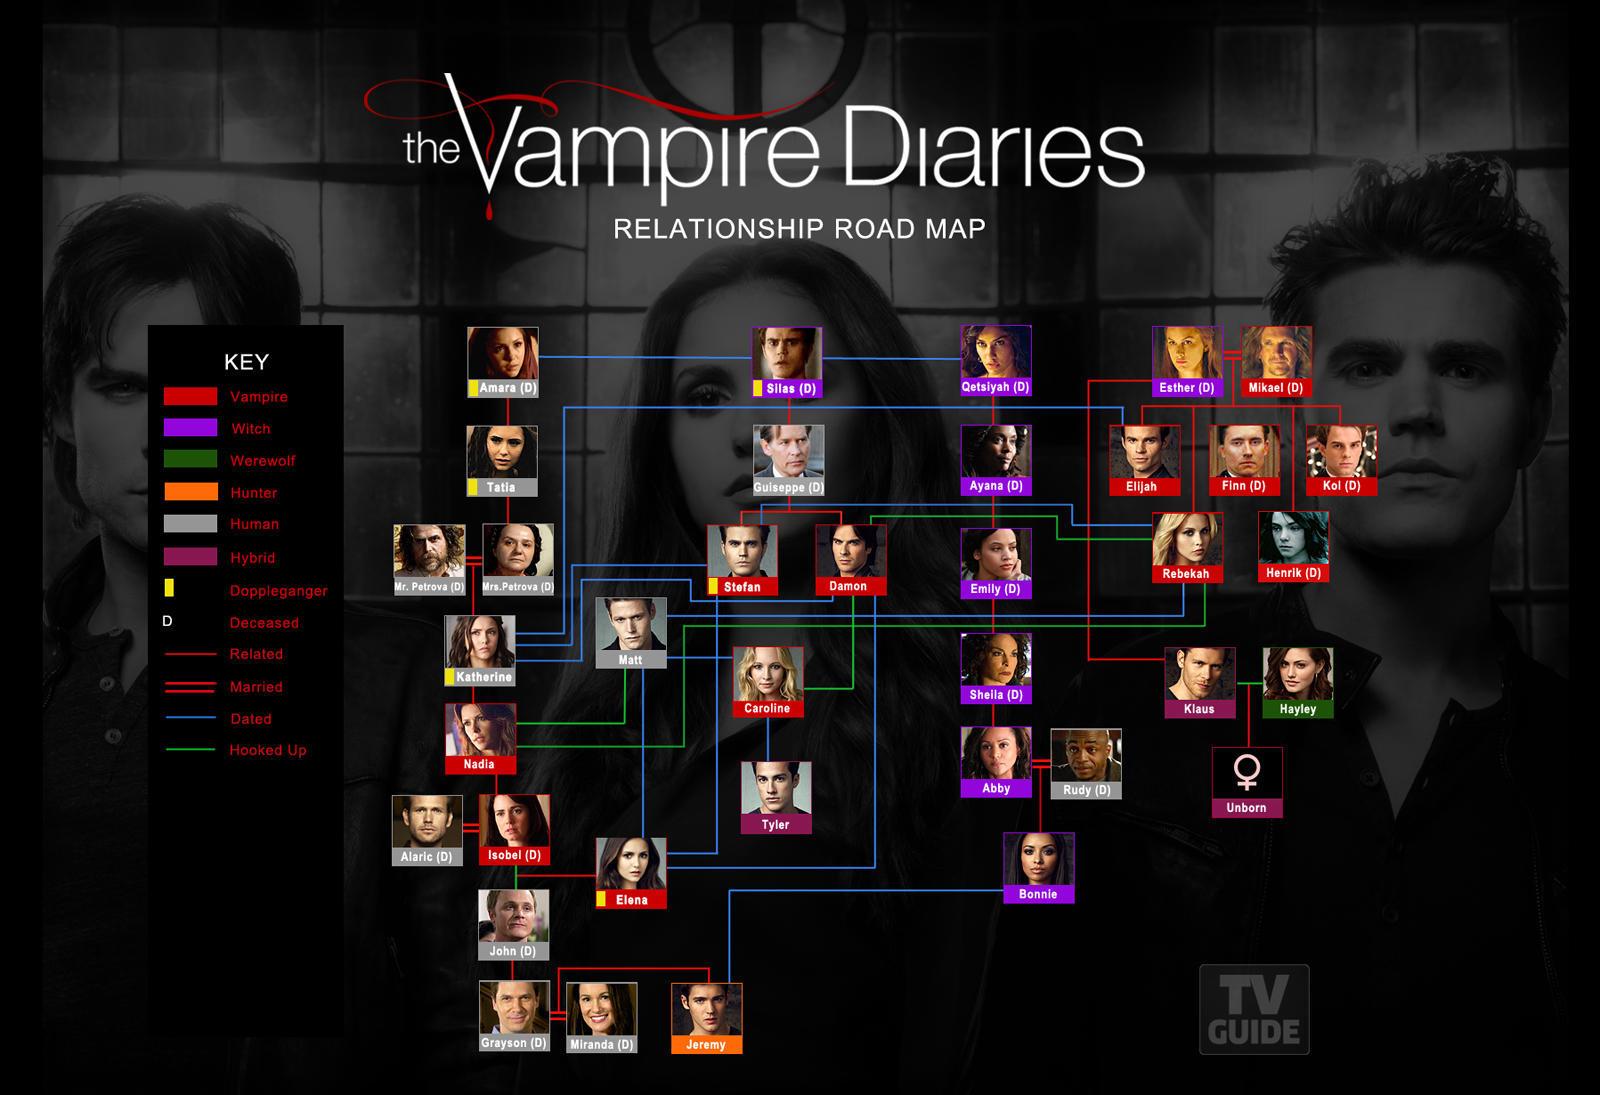 the vampire diaries staffel 1 folge 1 deutsch online